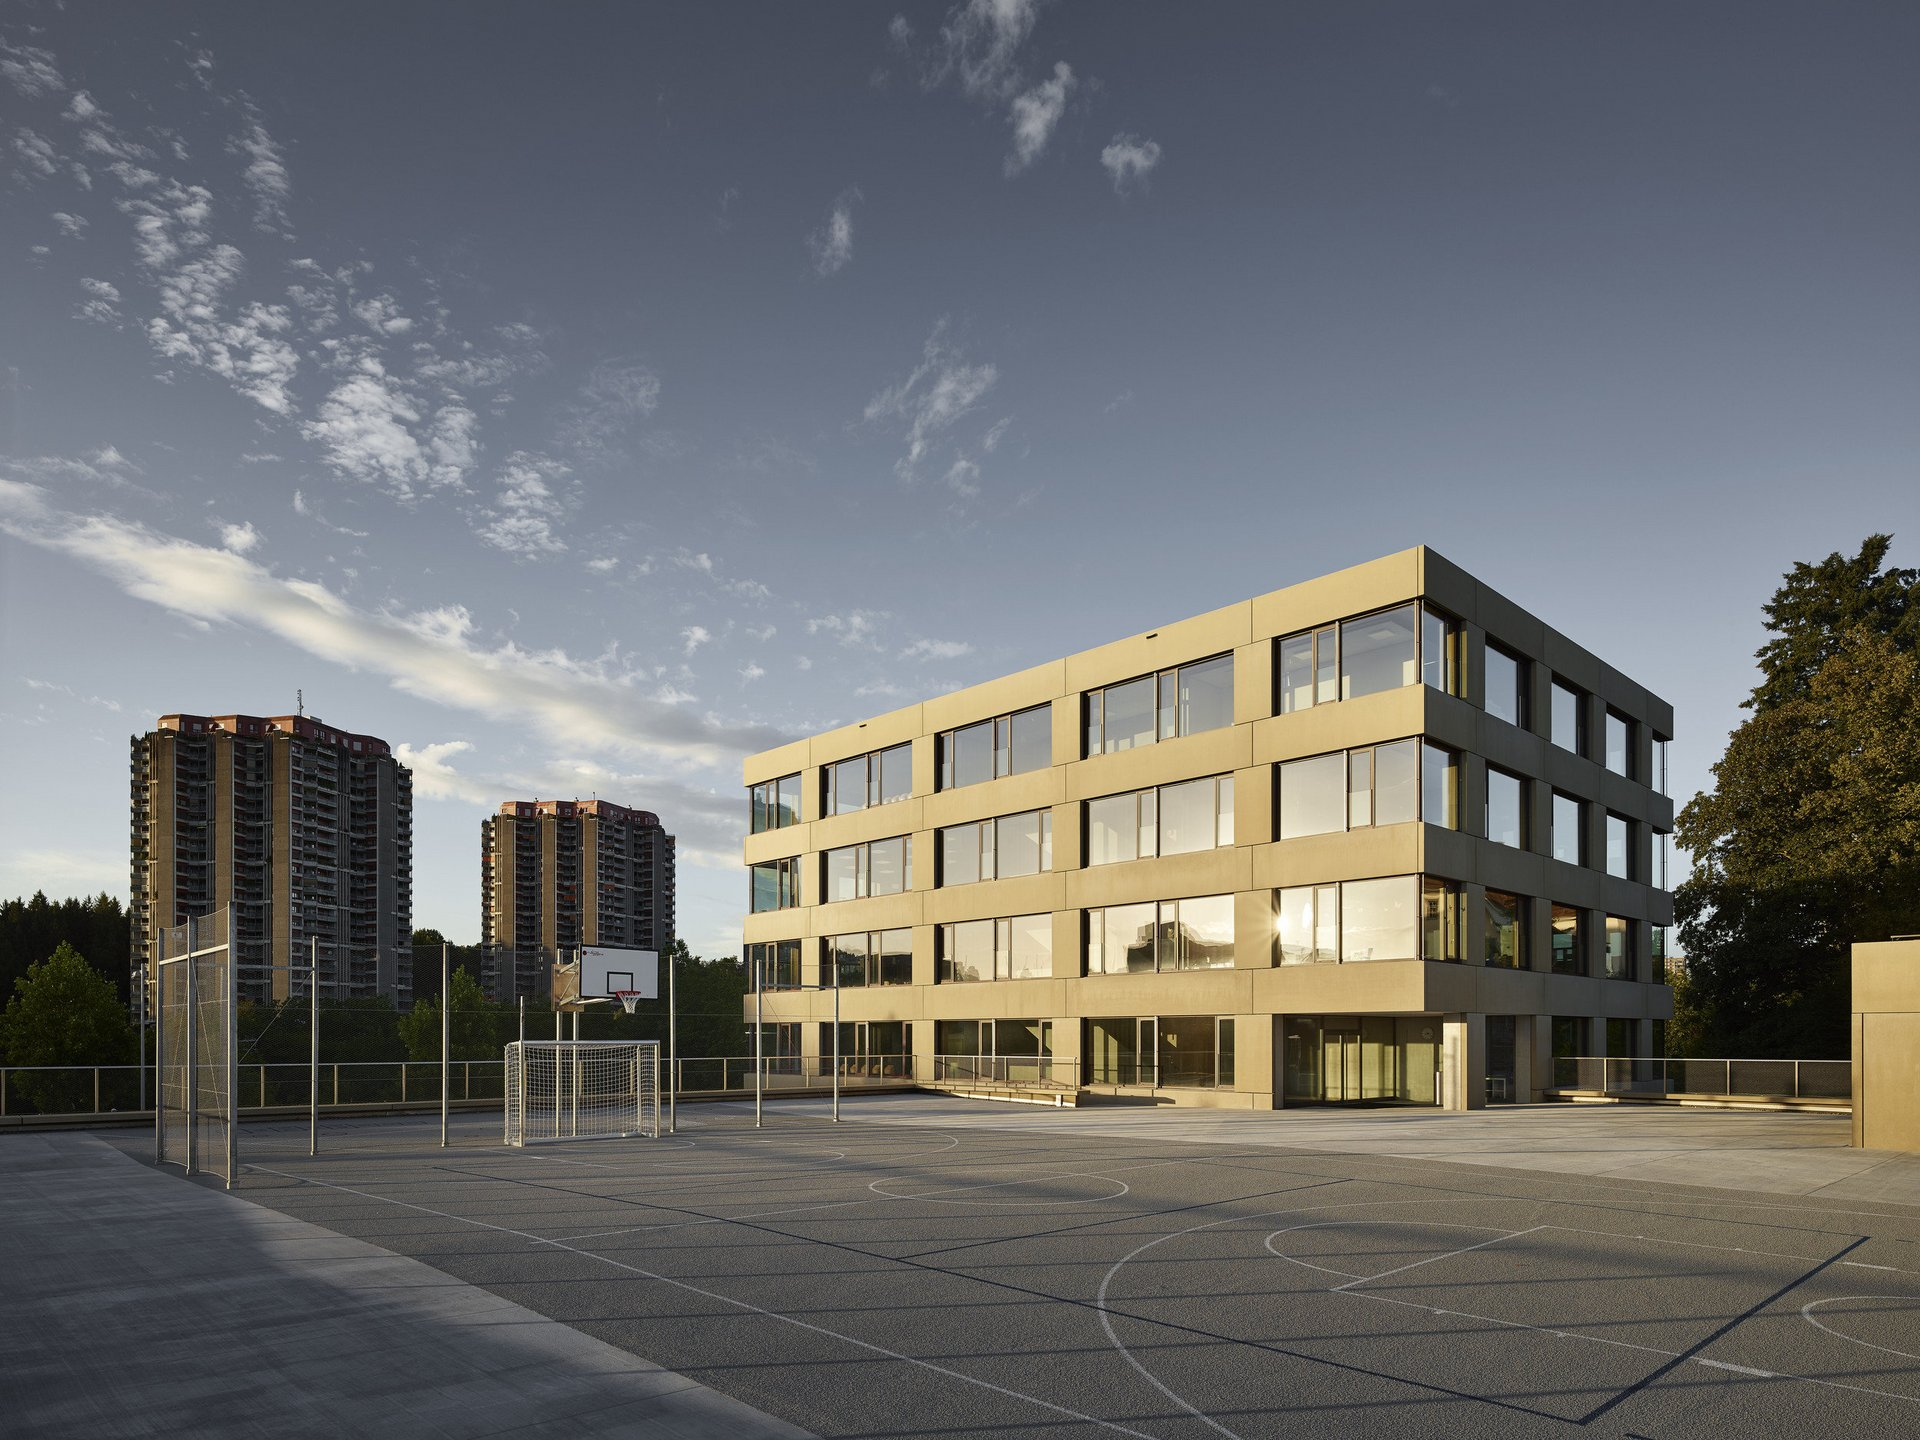 Bâtiment scolaire, fenêtres et façades identiques de tous les cotés